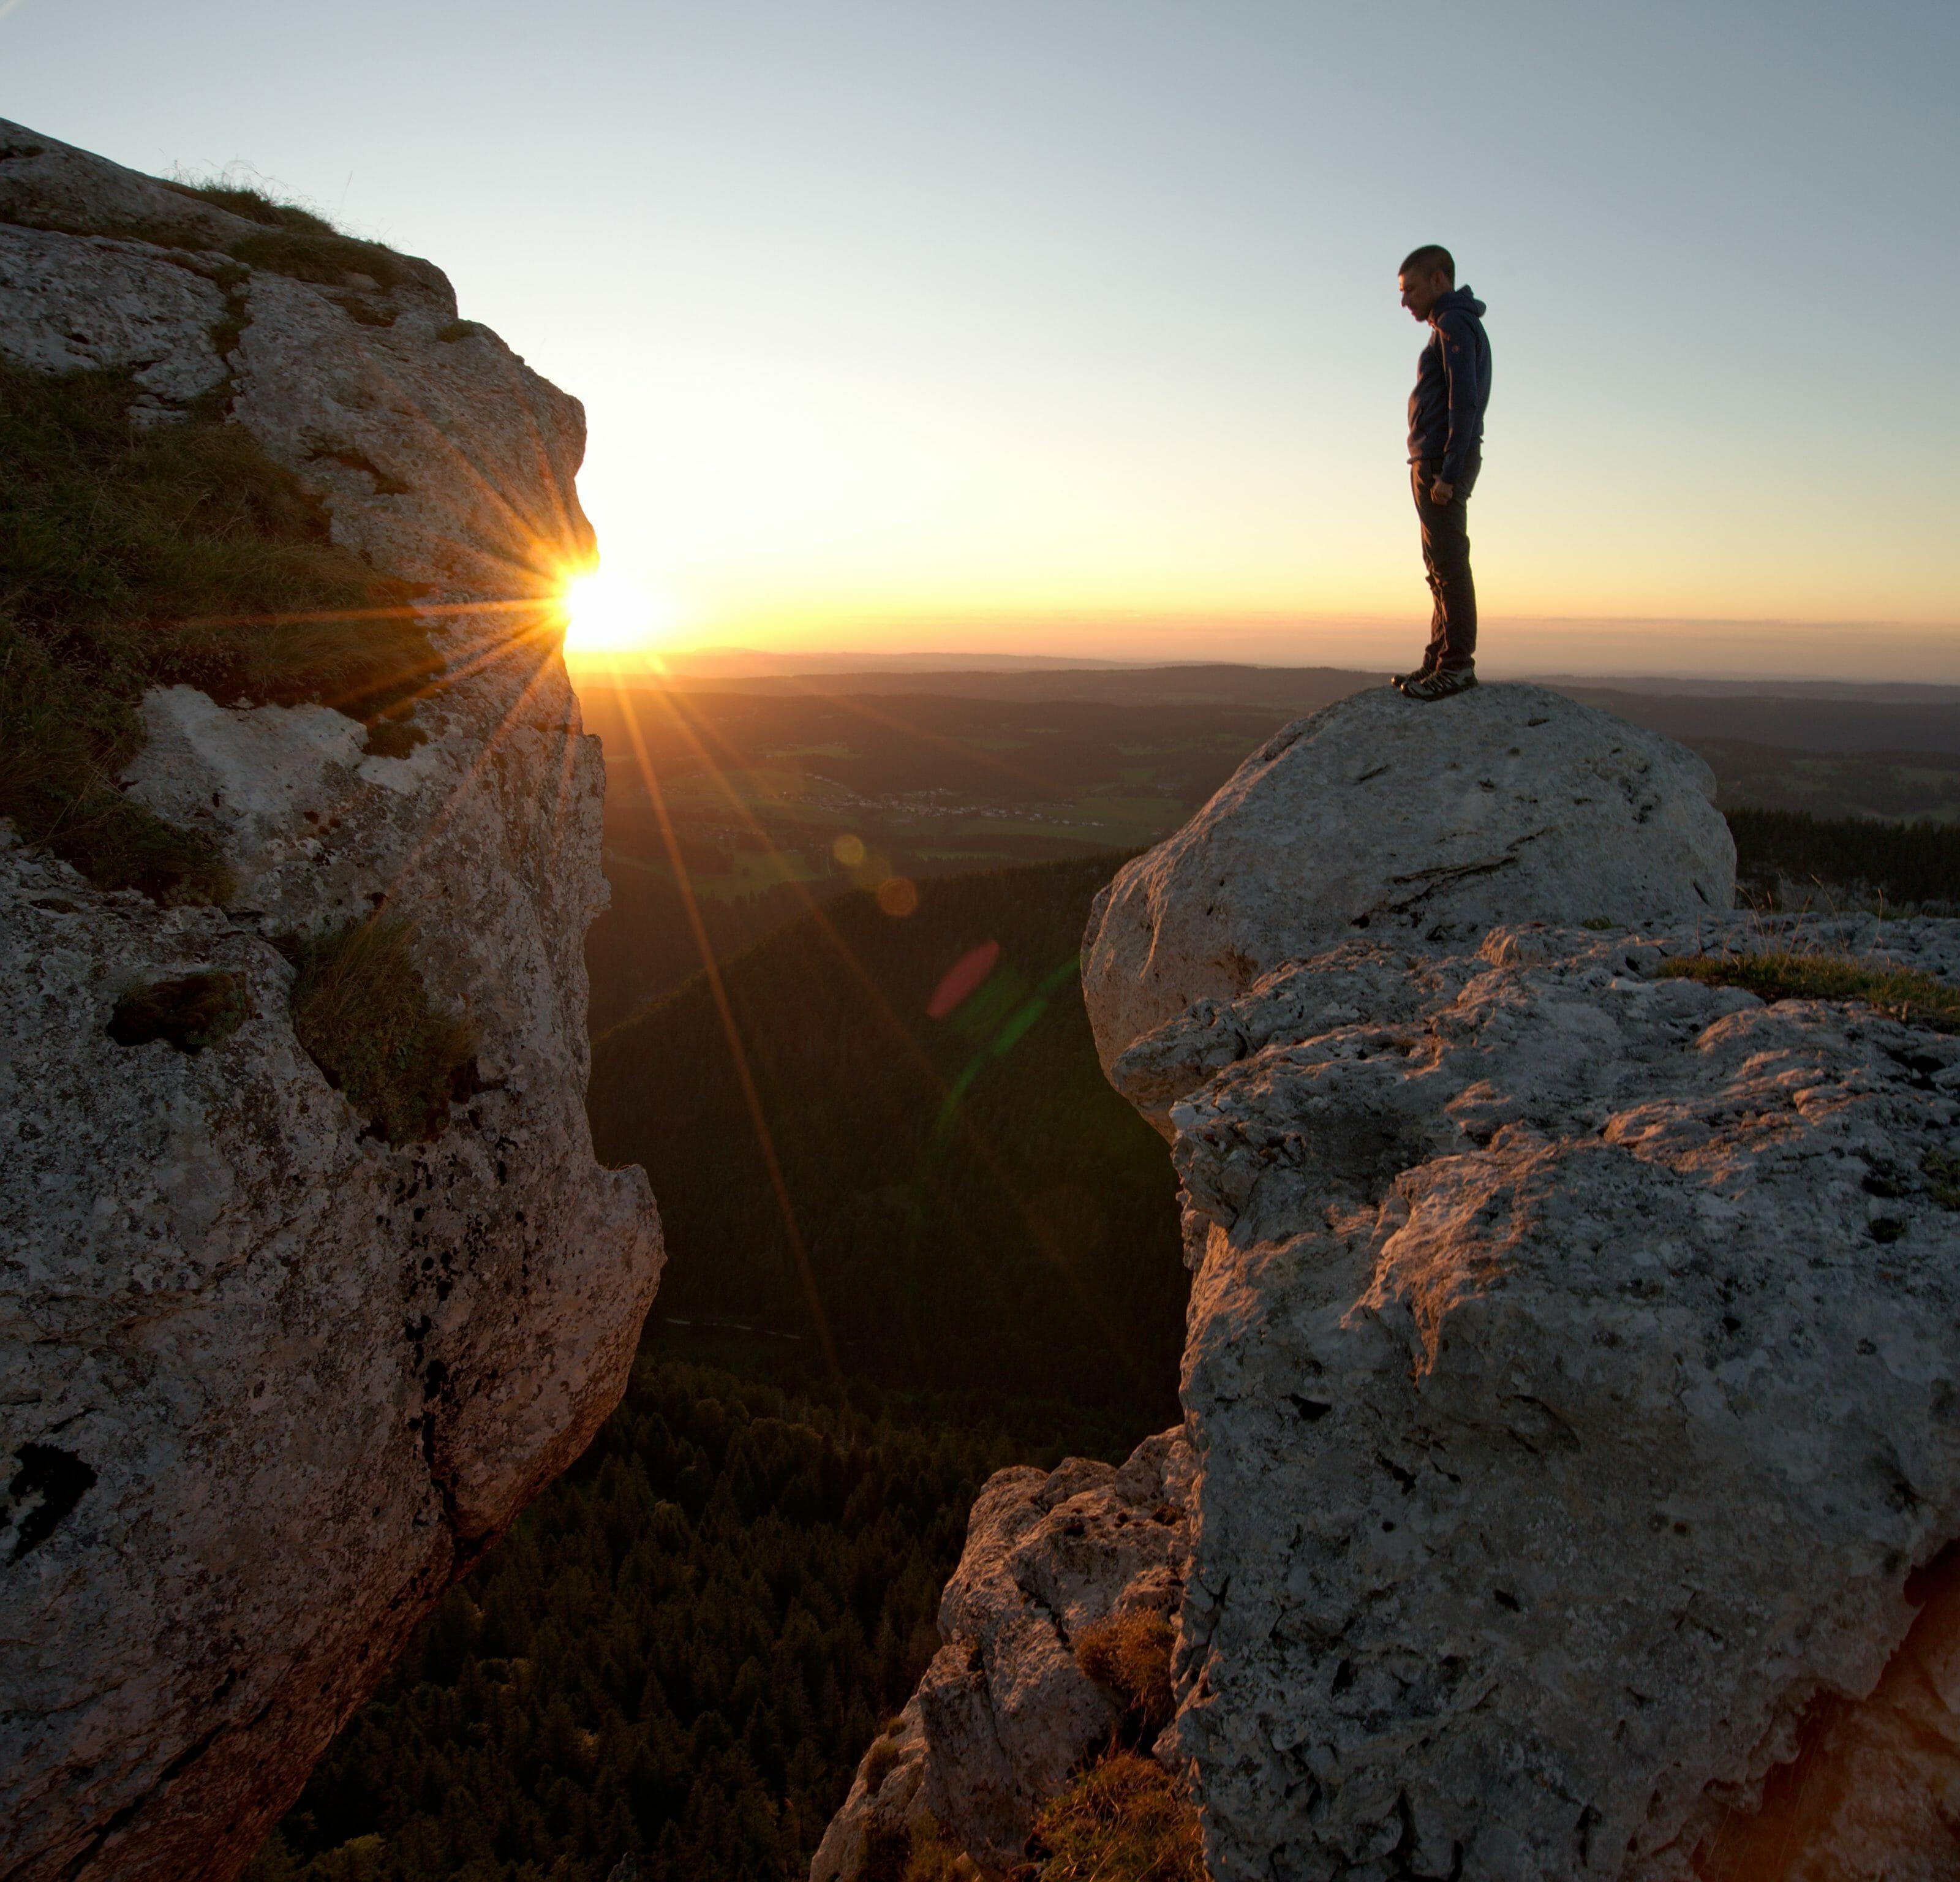 coucher de soleil, chasseron